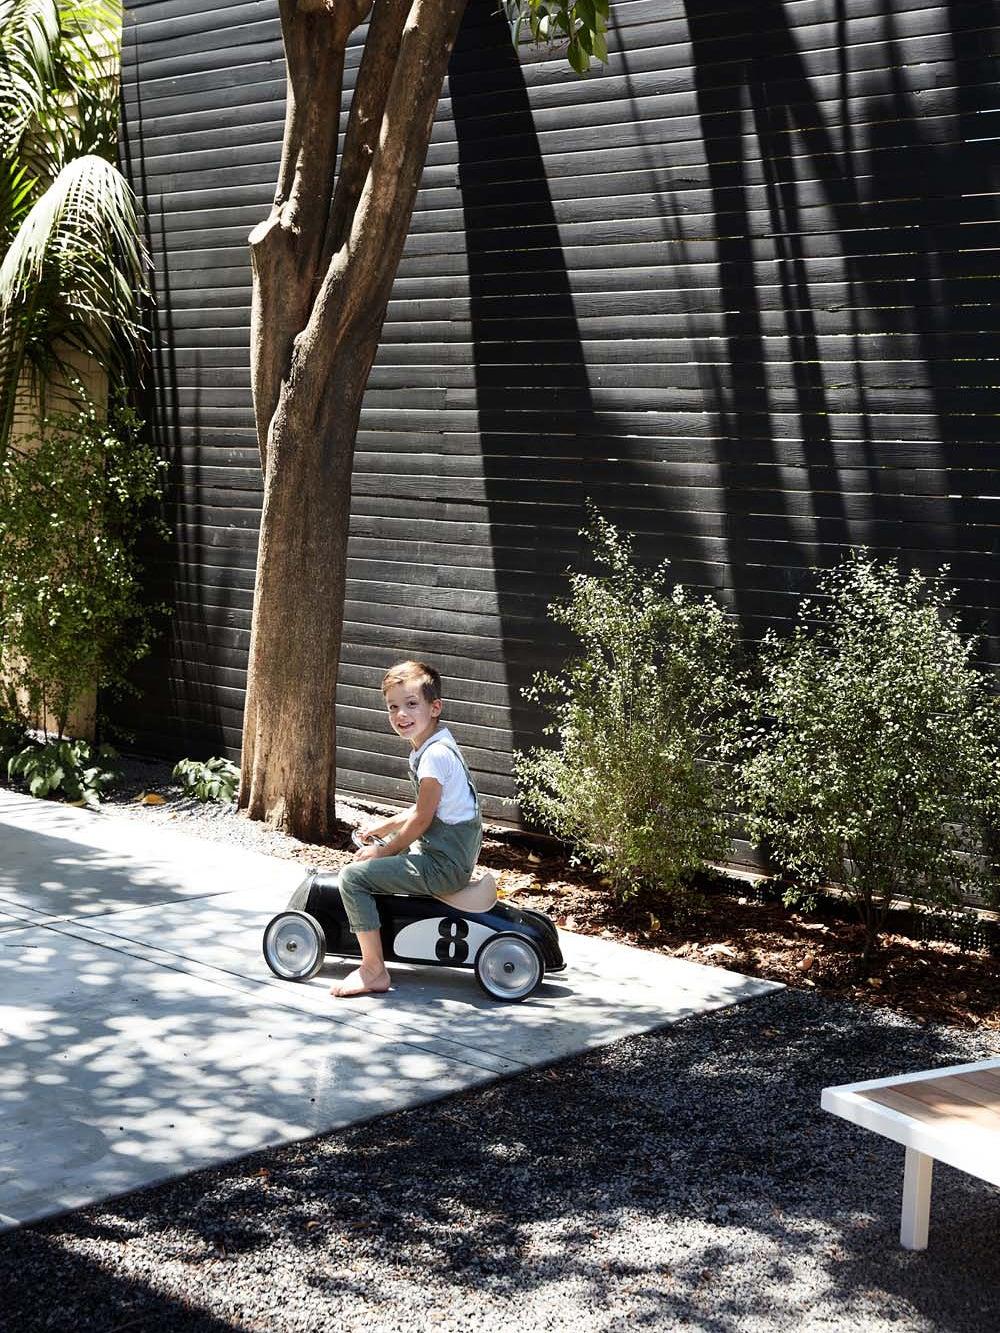 Erin Hiemstra's son in the backyard